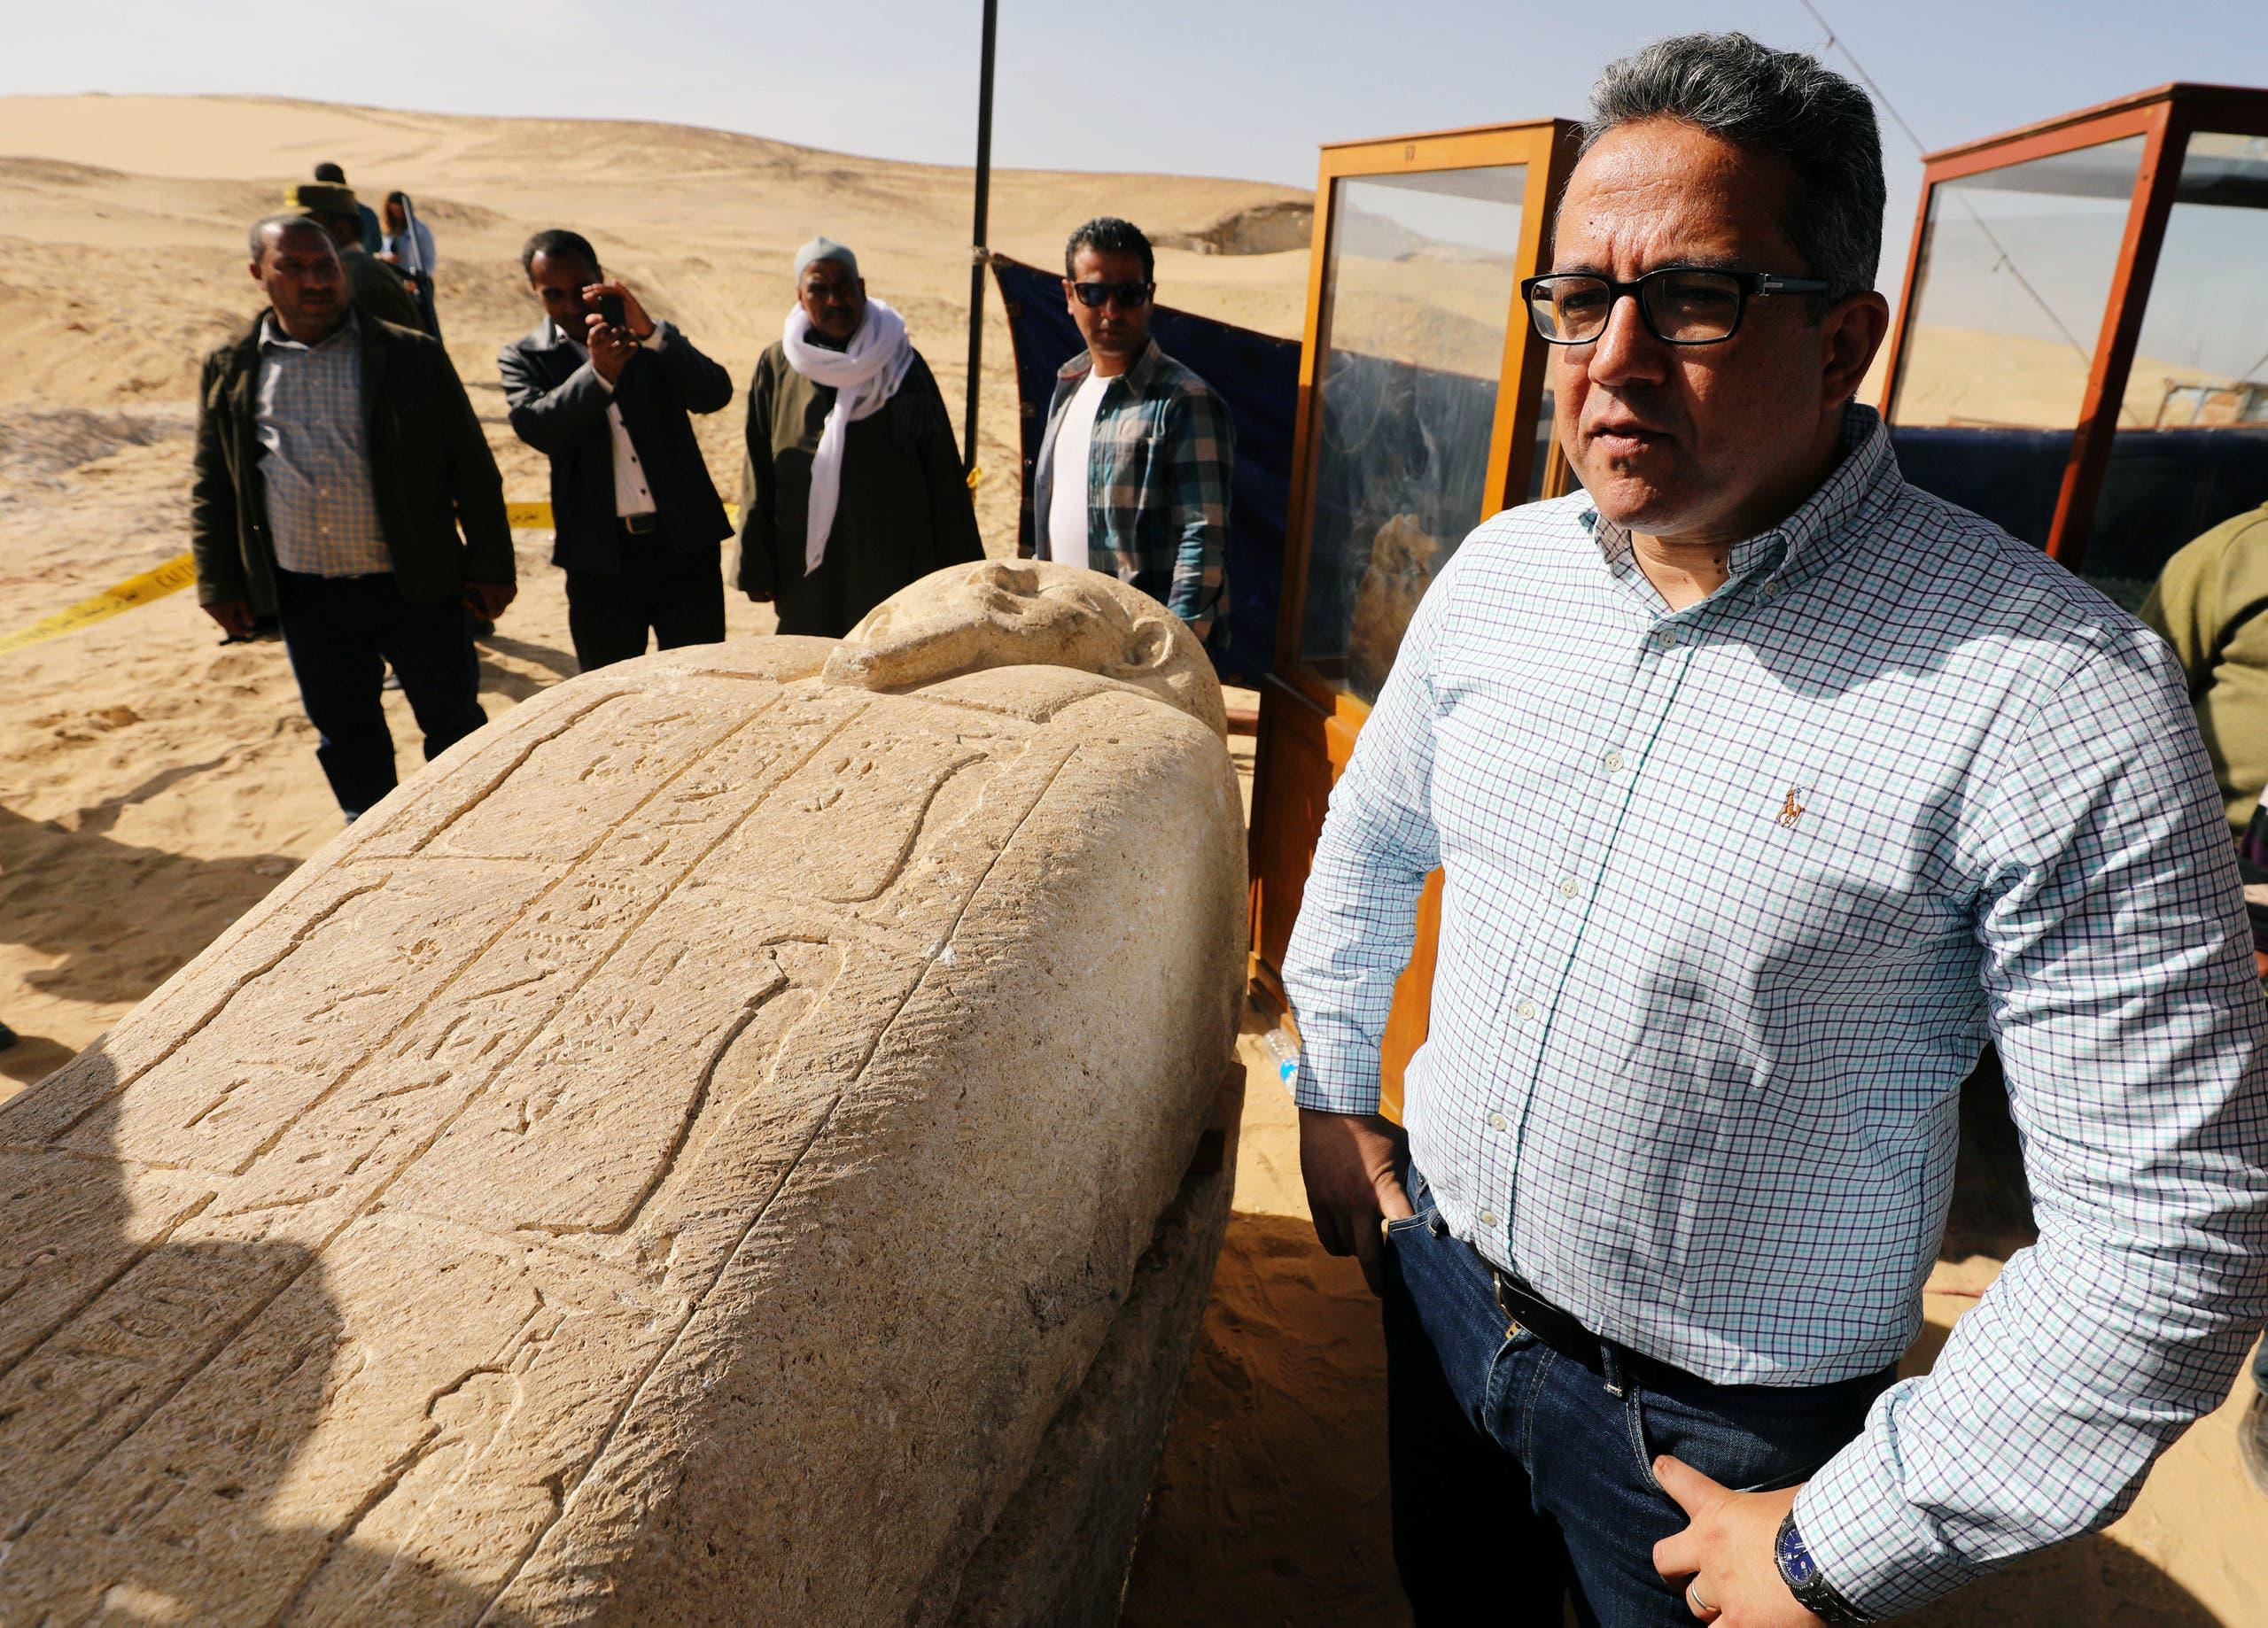 وزير الآثار المصري خالد العناني بجانب أحد التماثيل المكتشفة